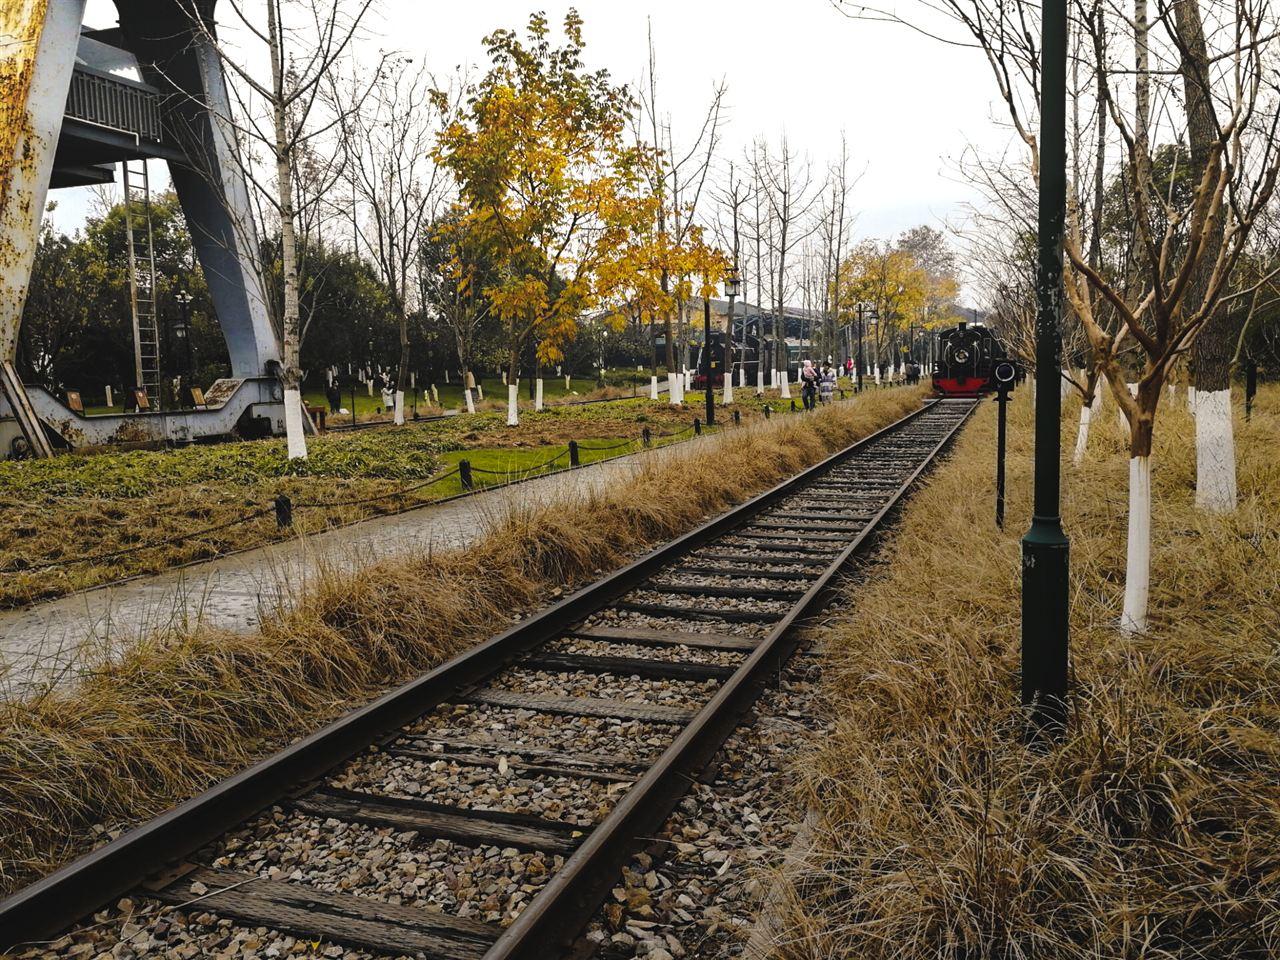 仪器视角:中国的铁路承载着自主科研的重量